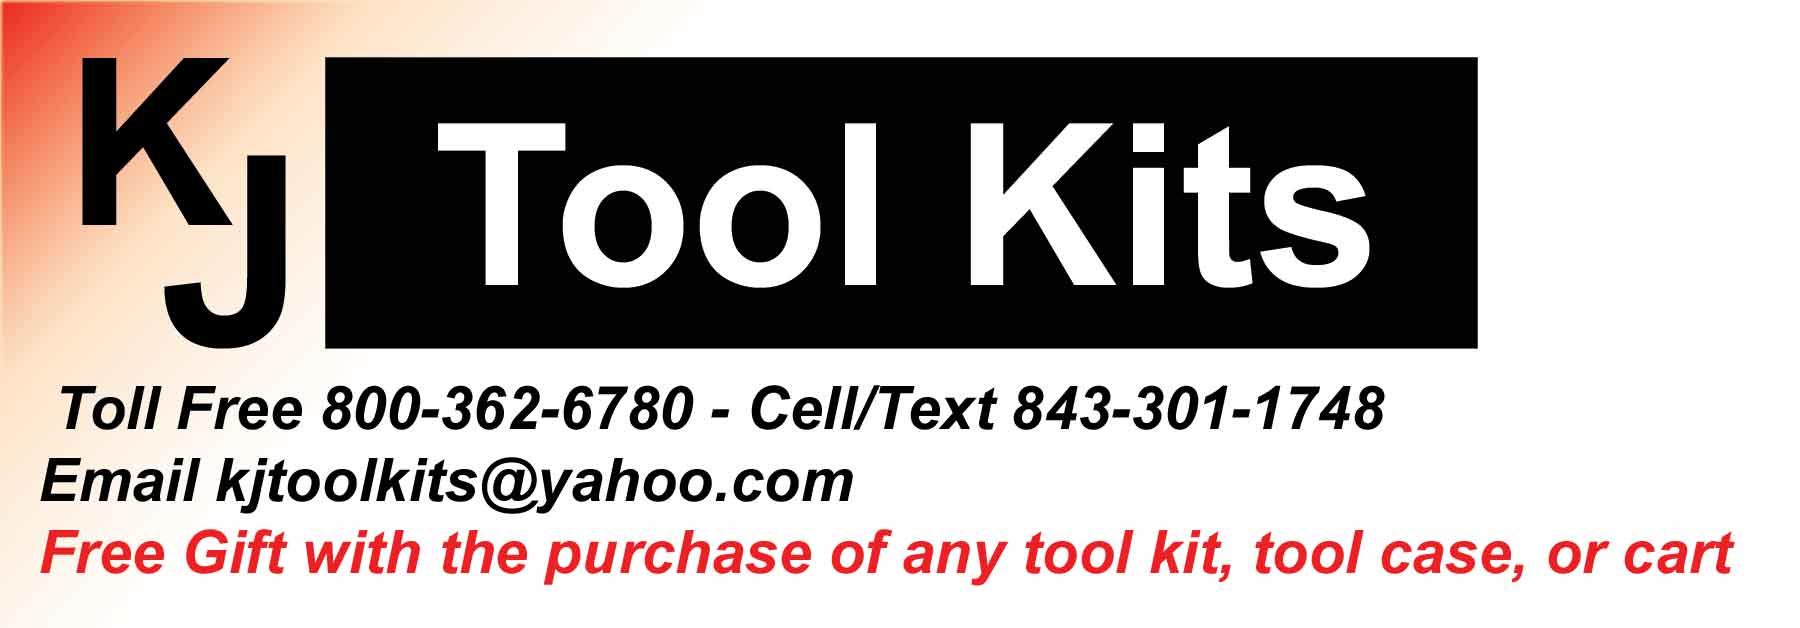 KJ Tool Kits